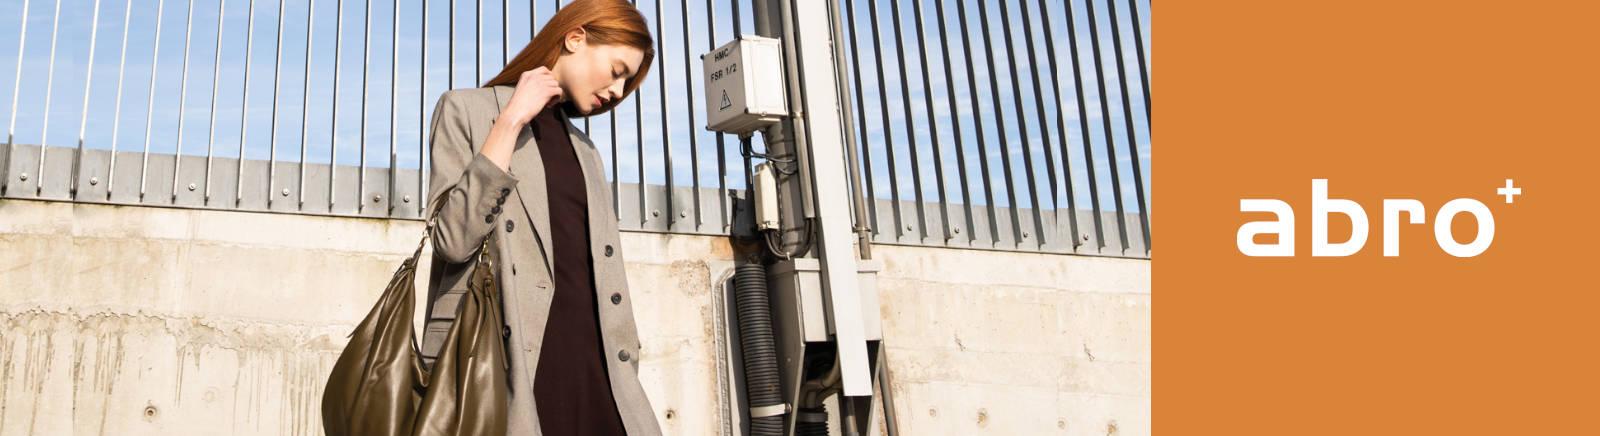 abro Damenschuhe im Online-Shop von GISY kaufen